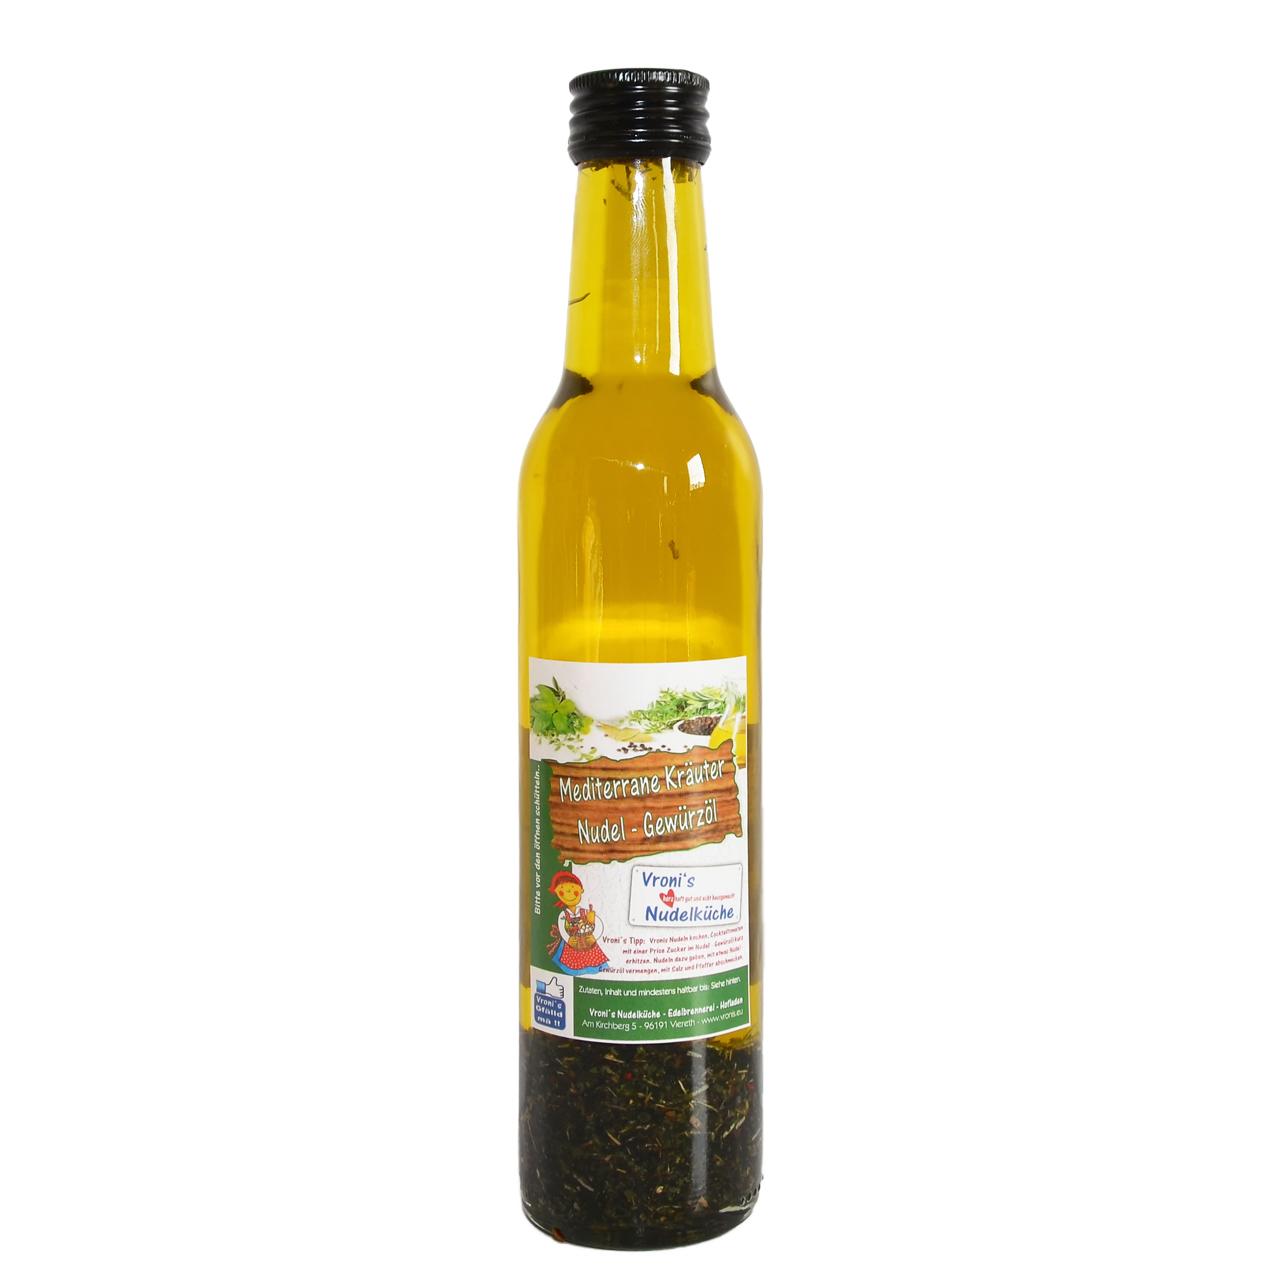 Nudel Gewürzöl - Mediterrane Kräuter